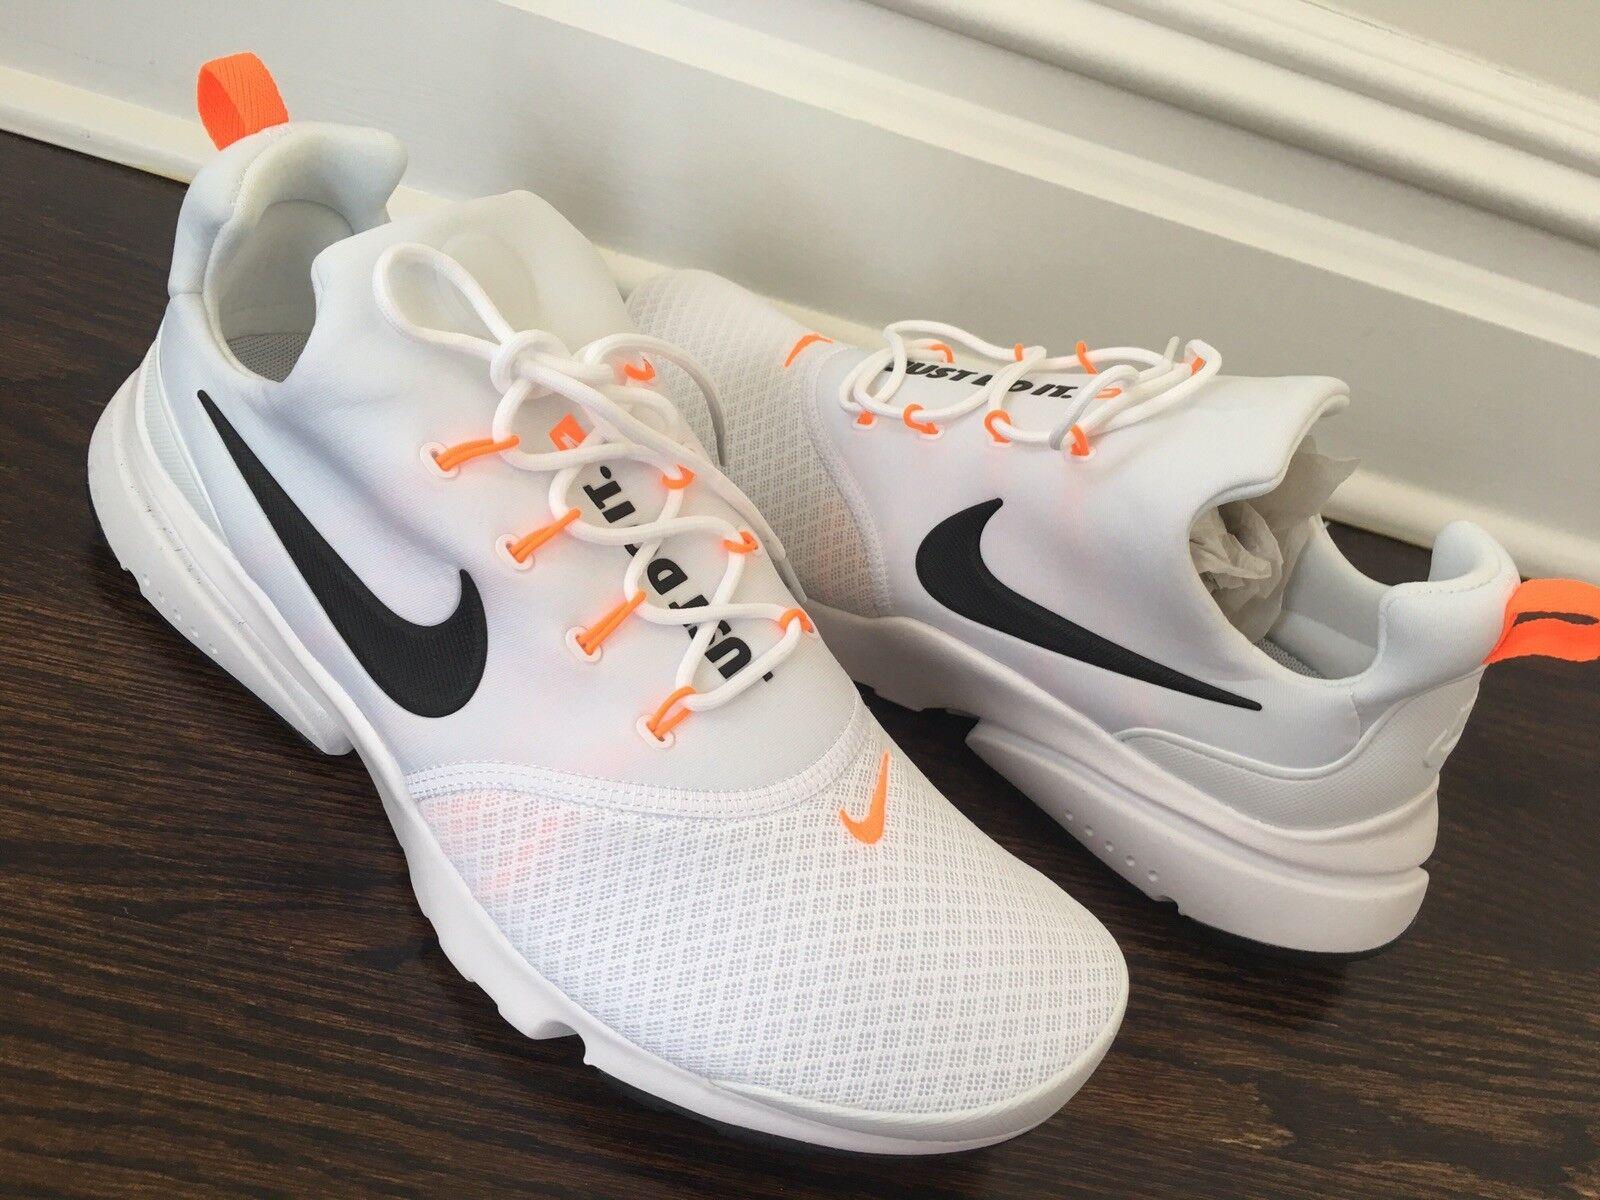 Nuevo Para hombres NIKE AQ9688 PRESTO FLY blancoo Encaje Running Zapatos EE. UU. 9.5 Auténtico